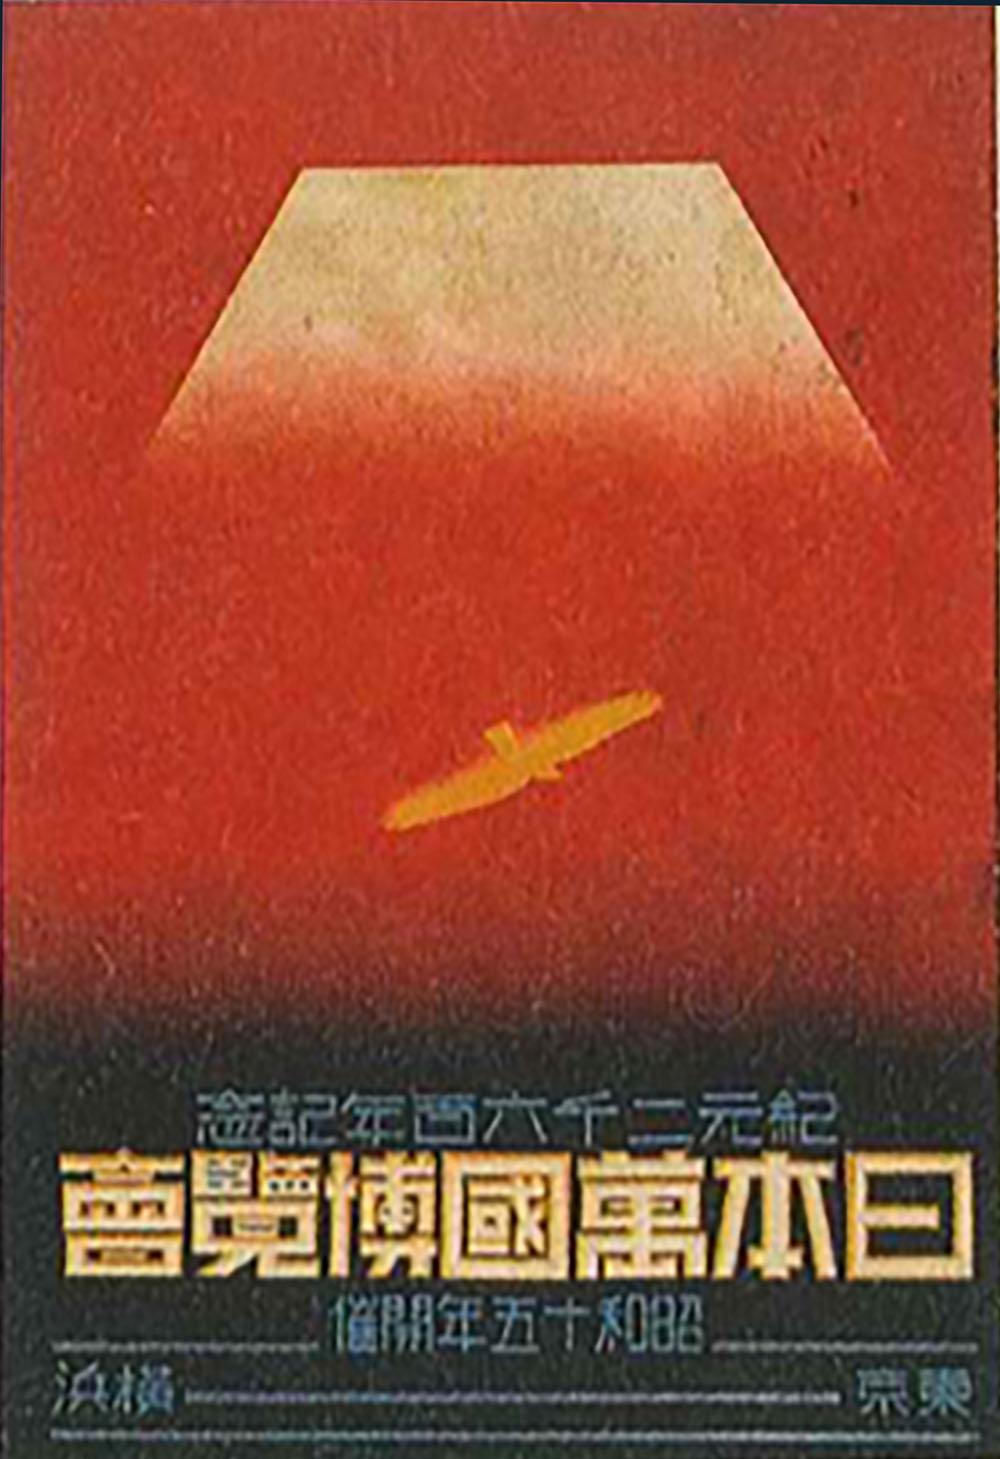 『日本万国博覧会概観』(横浜都市発展記念館所蔵)